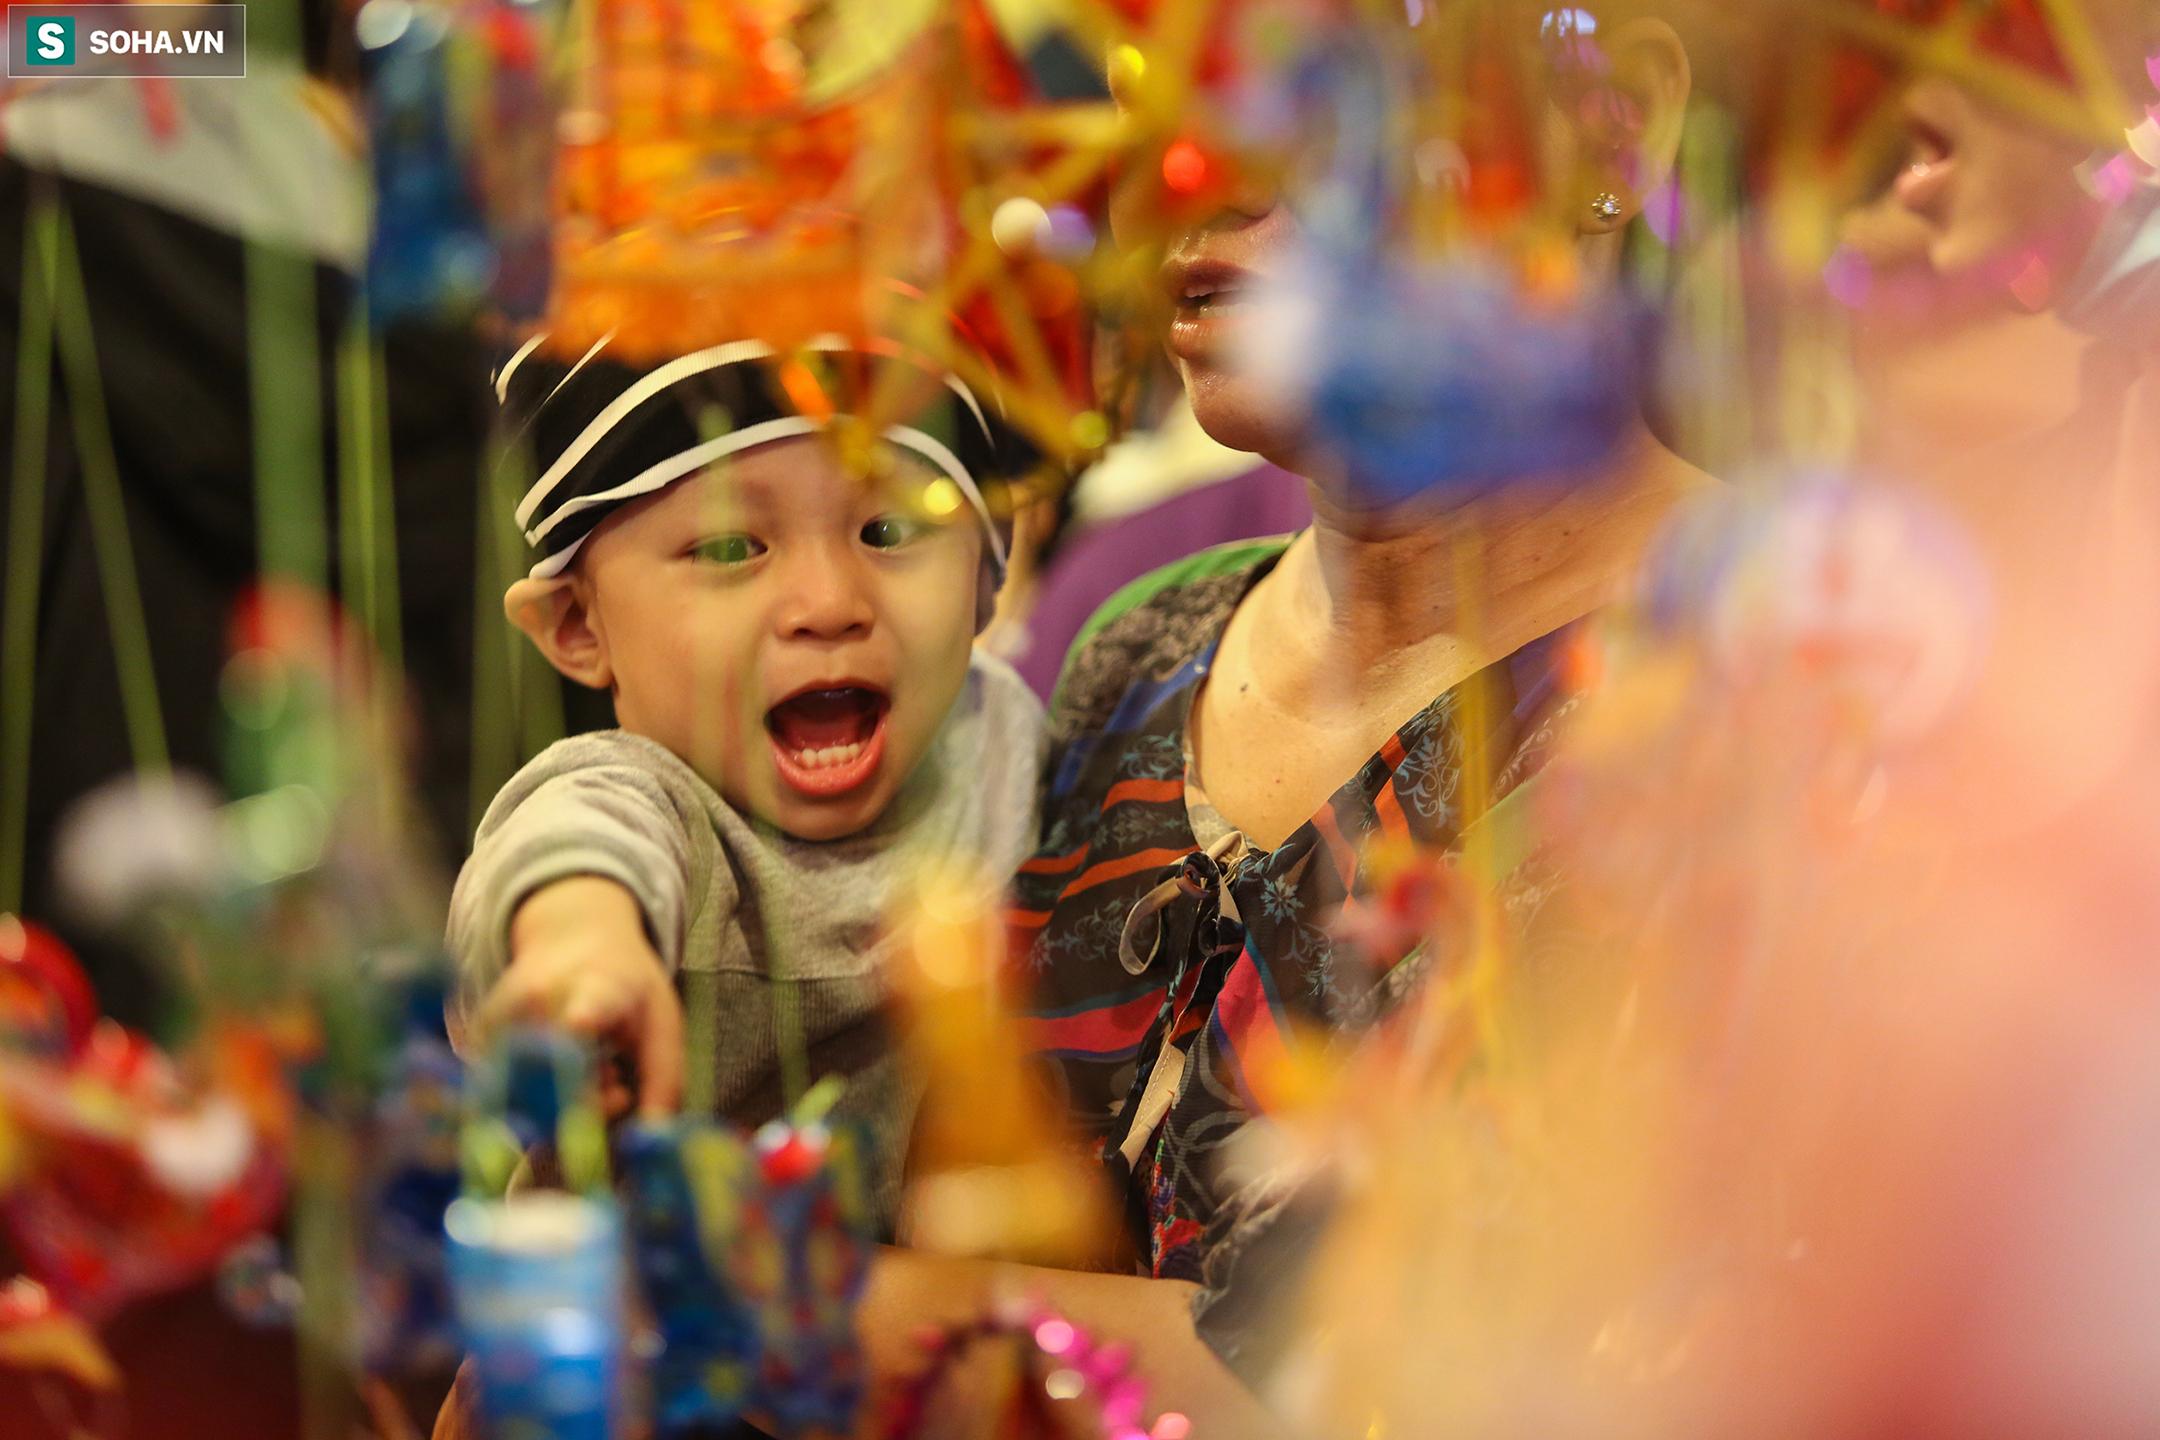 Trẻ nhỏ tỏ ra thích thú khi được cha mẹ đưa xuống phố vui chơi, mua đèn lồng cho dịp Trung thu.